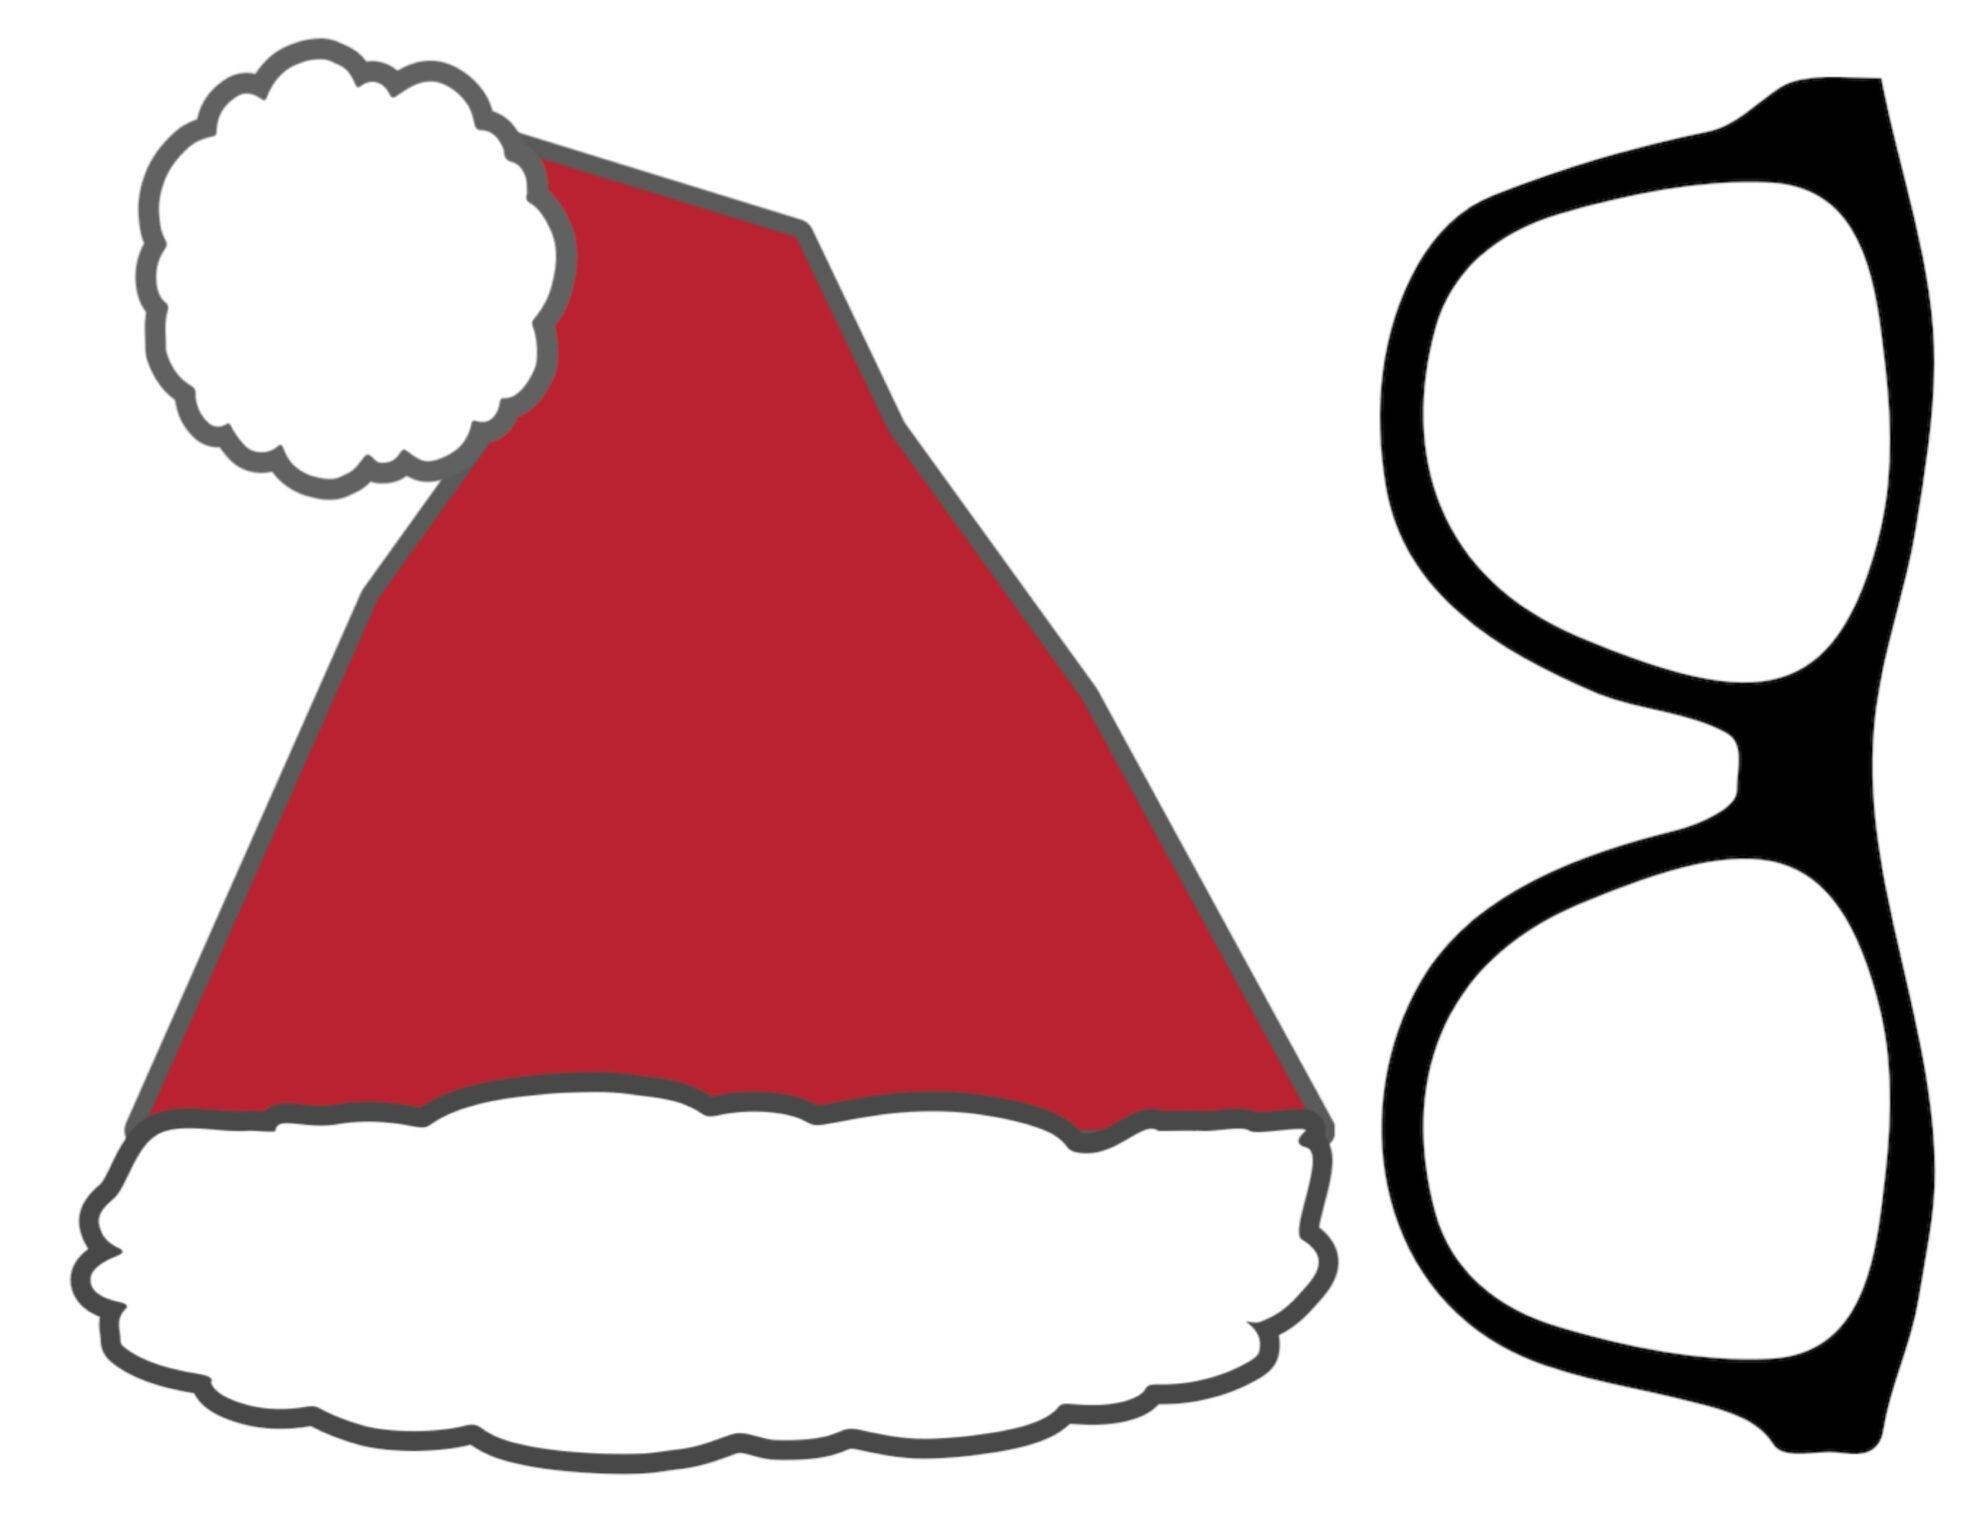 Free Christmas Photo Booth Props Printable - Paper Trail Design - Free Printable Christmas Props